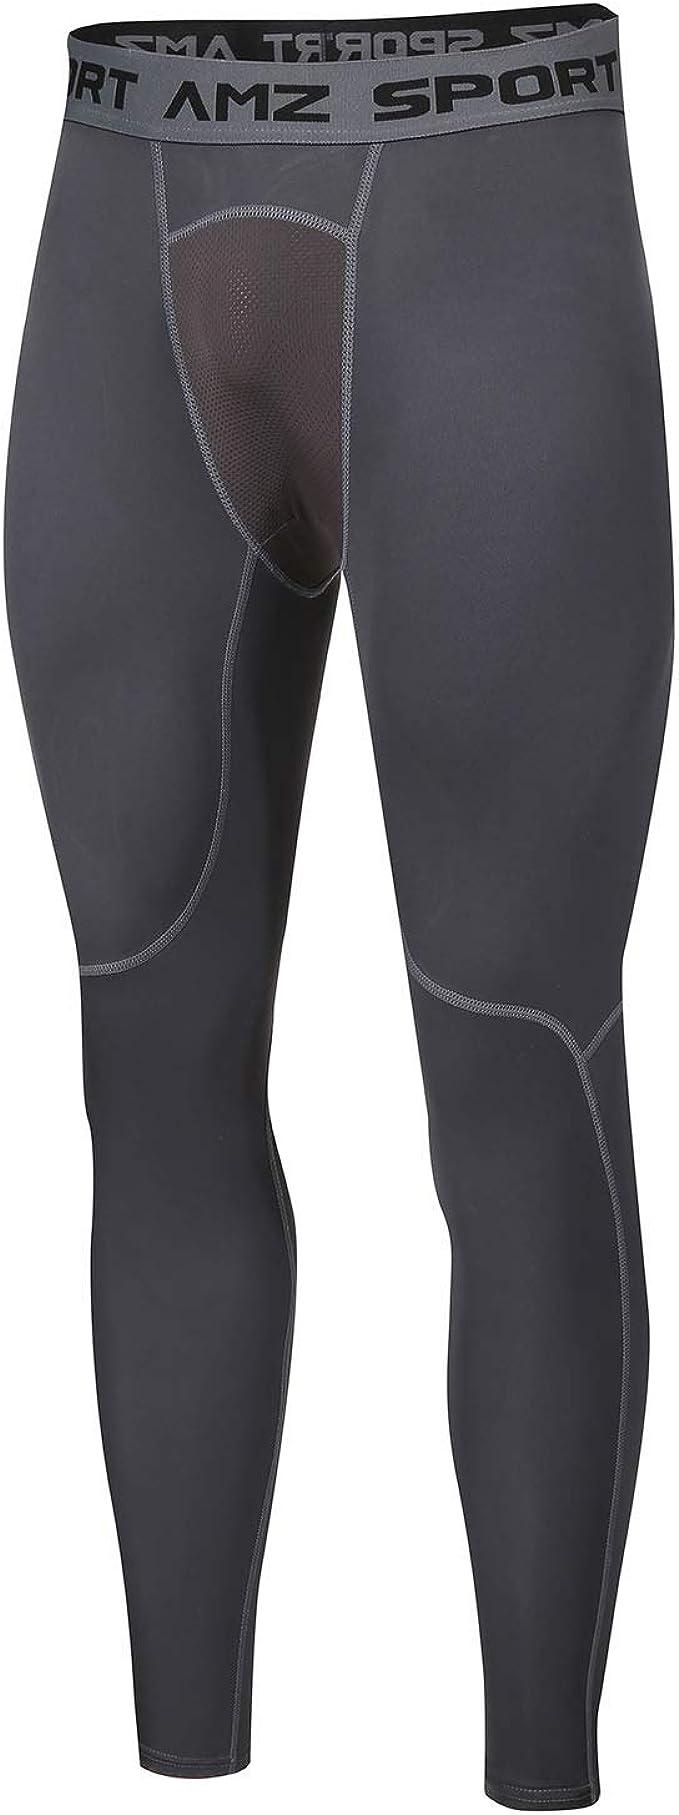 AMZSPORT Pantaloni Compressione Uomo Leggings Sportivi Traspirante Collant da Corsa Calzamaglie da Palestra